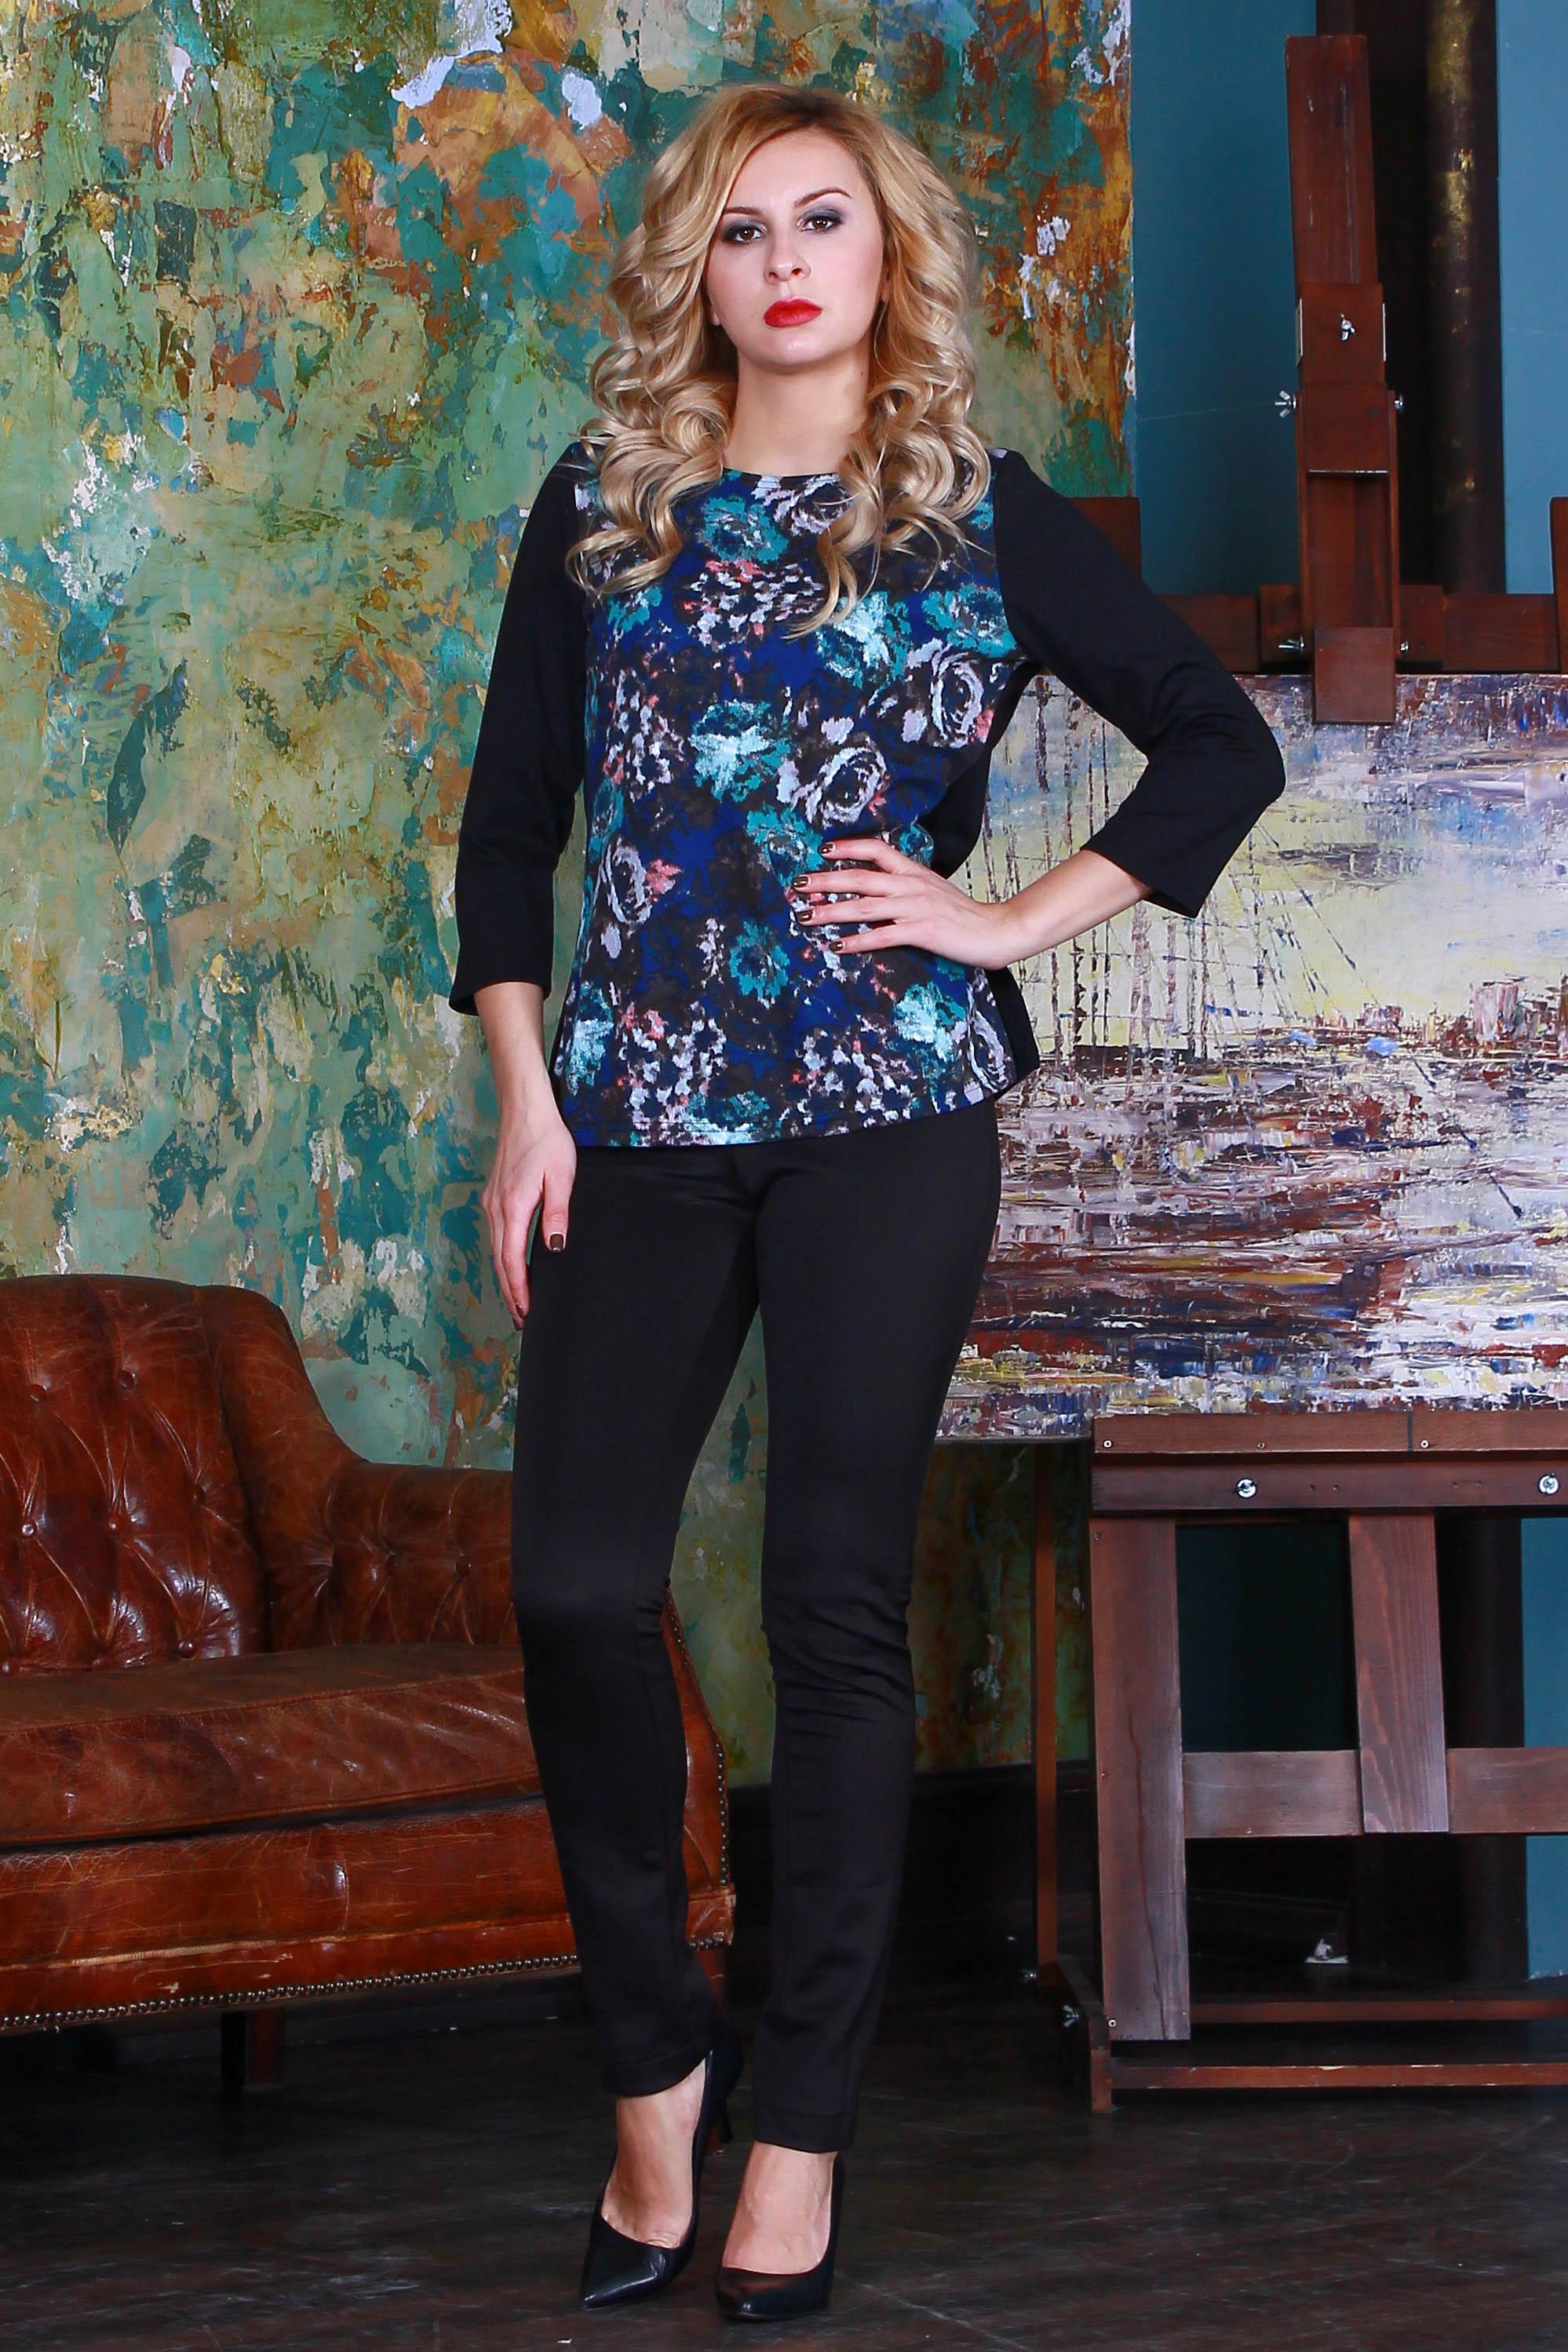 БлузкаБлузки<br>Комбинированная блуза из полушерстяного трикотажного полотна прямого силуэта с небольшими разрезами по бокам, рукав втачной 3/4.   Длина изделия от 59 см до 62 см , в зависимости от размера.  Цвет: черный, голубой, синий  Рост девушки-фотомодели 175 см<br><br>Горловина: С- горловина<br>По материалу: Трикотаж<br>По рисунку: Растительные мотивы,С принтом,Цветные,Цветочные<br>По сезону: Весна,Зима,Лето,Осень,Всесезон<br>По силуэту: Полуприталенные<br>По стилю: Повседневный стиль<br>Рукав: Рукав три четверти<br>Размер : 48,52<br>Материал: Джерси<br>Количество в наличии: 2